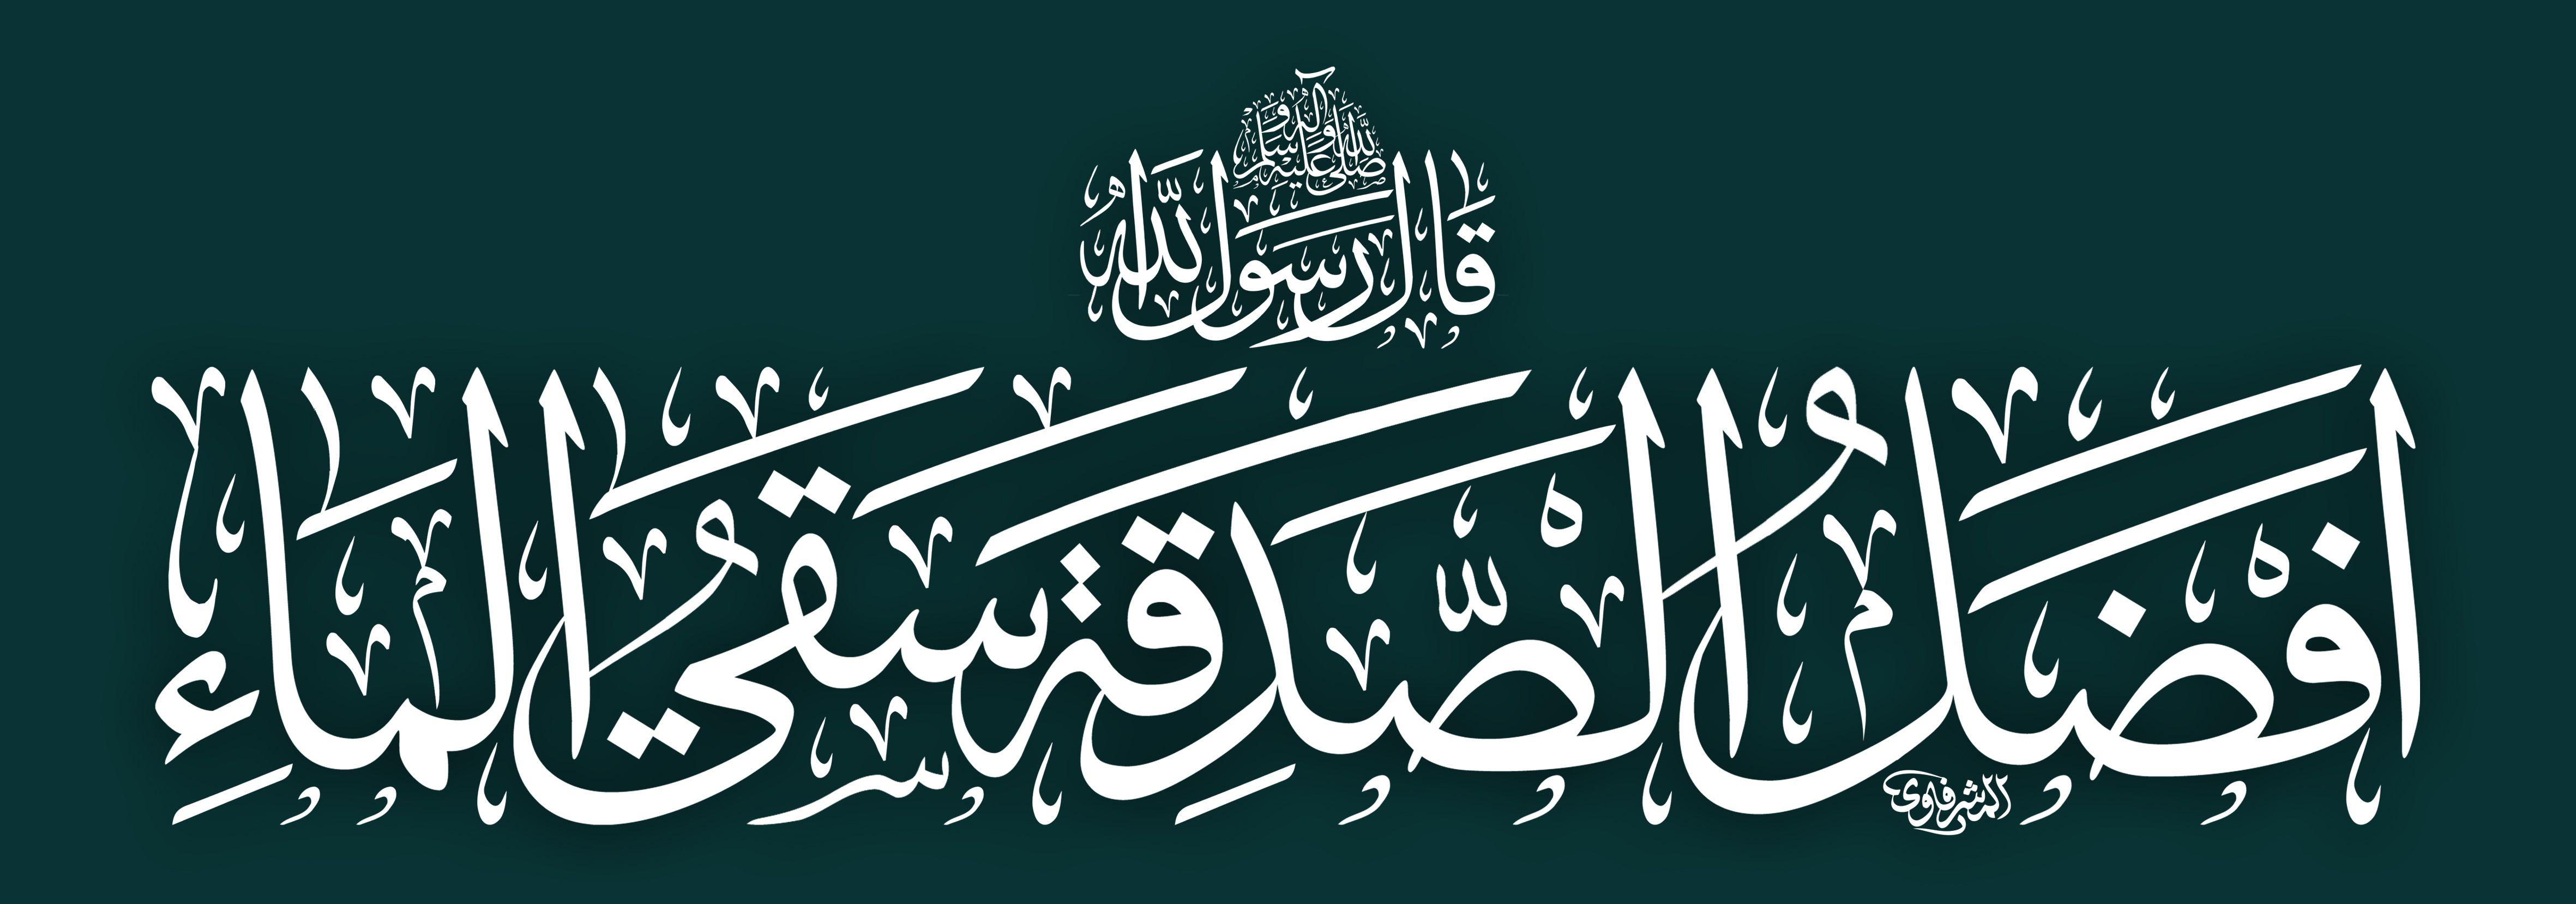 أفضل الصدقة سقي الماء الخطاط محمد الحسني المشرفاوي Islamic Calligraphy Text Background Islamic Art